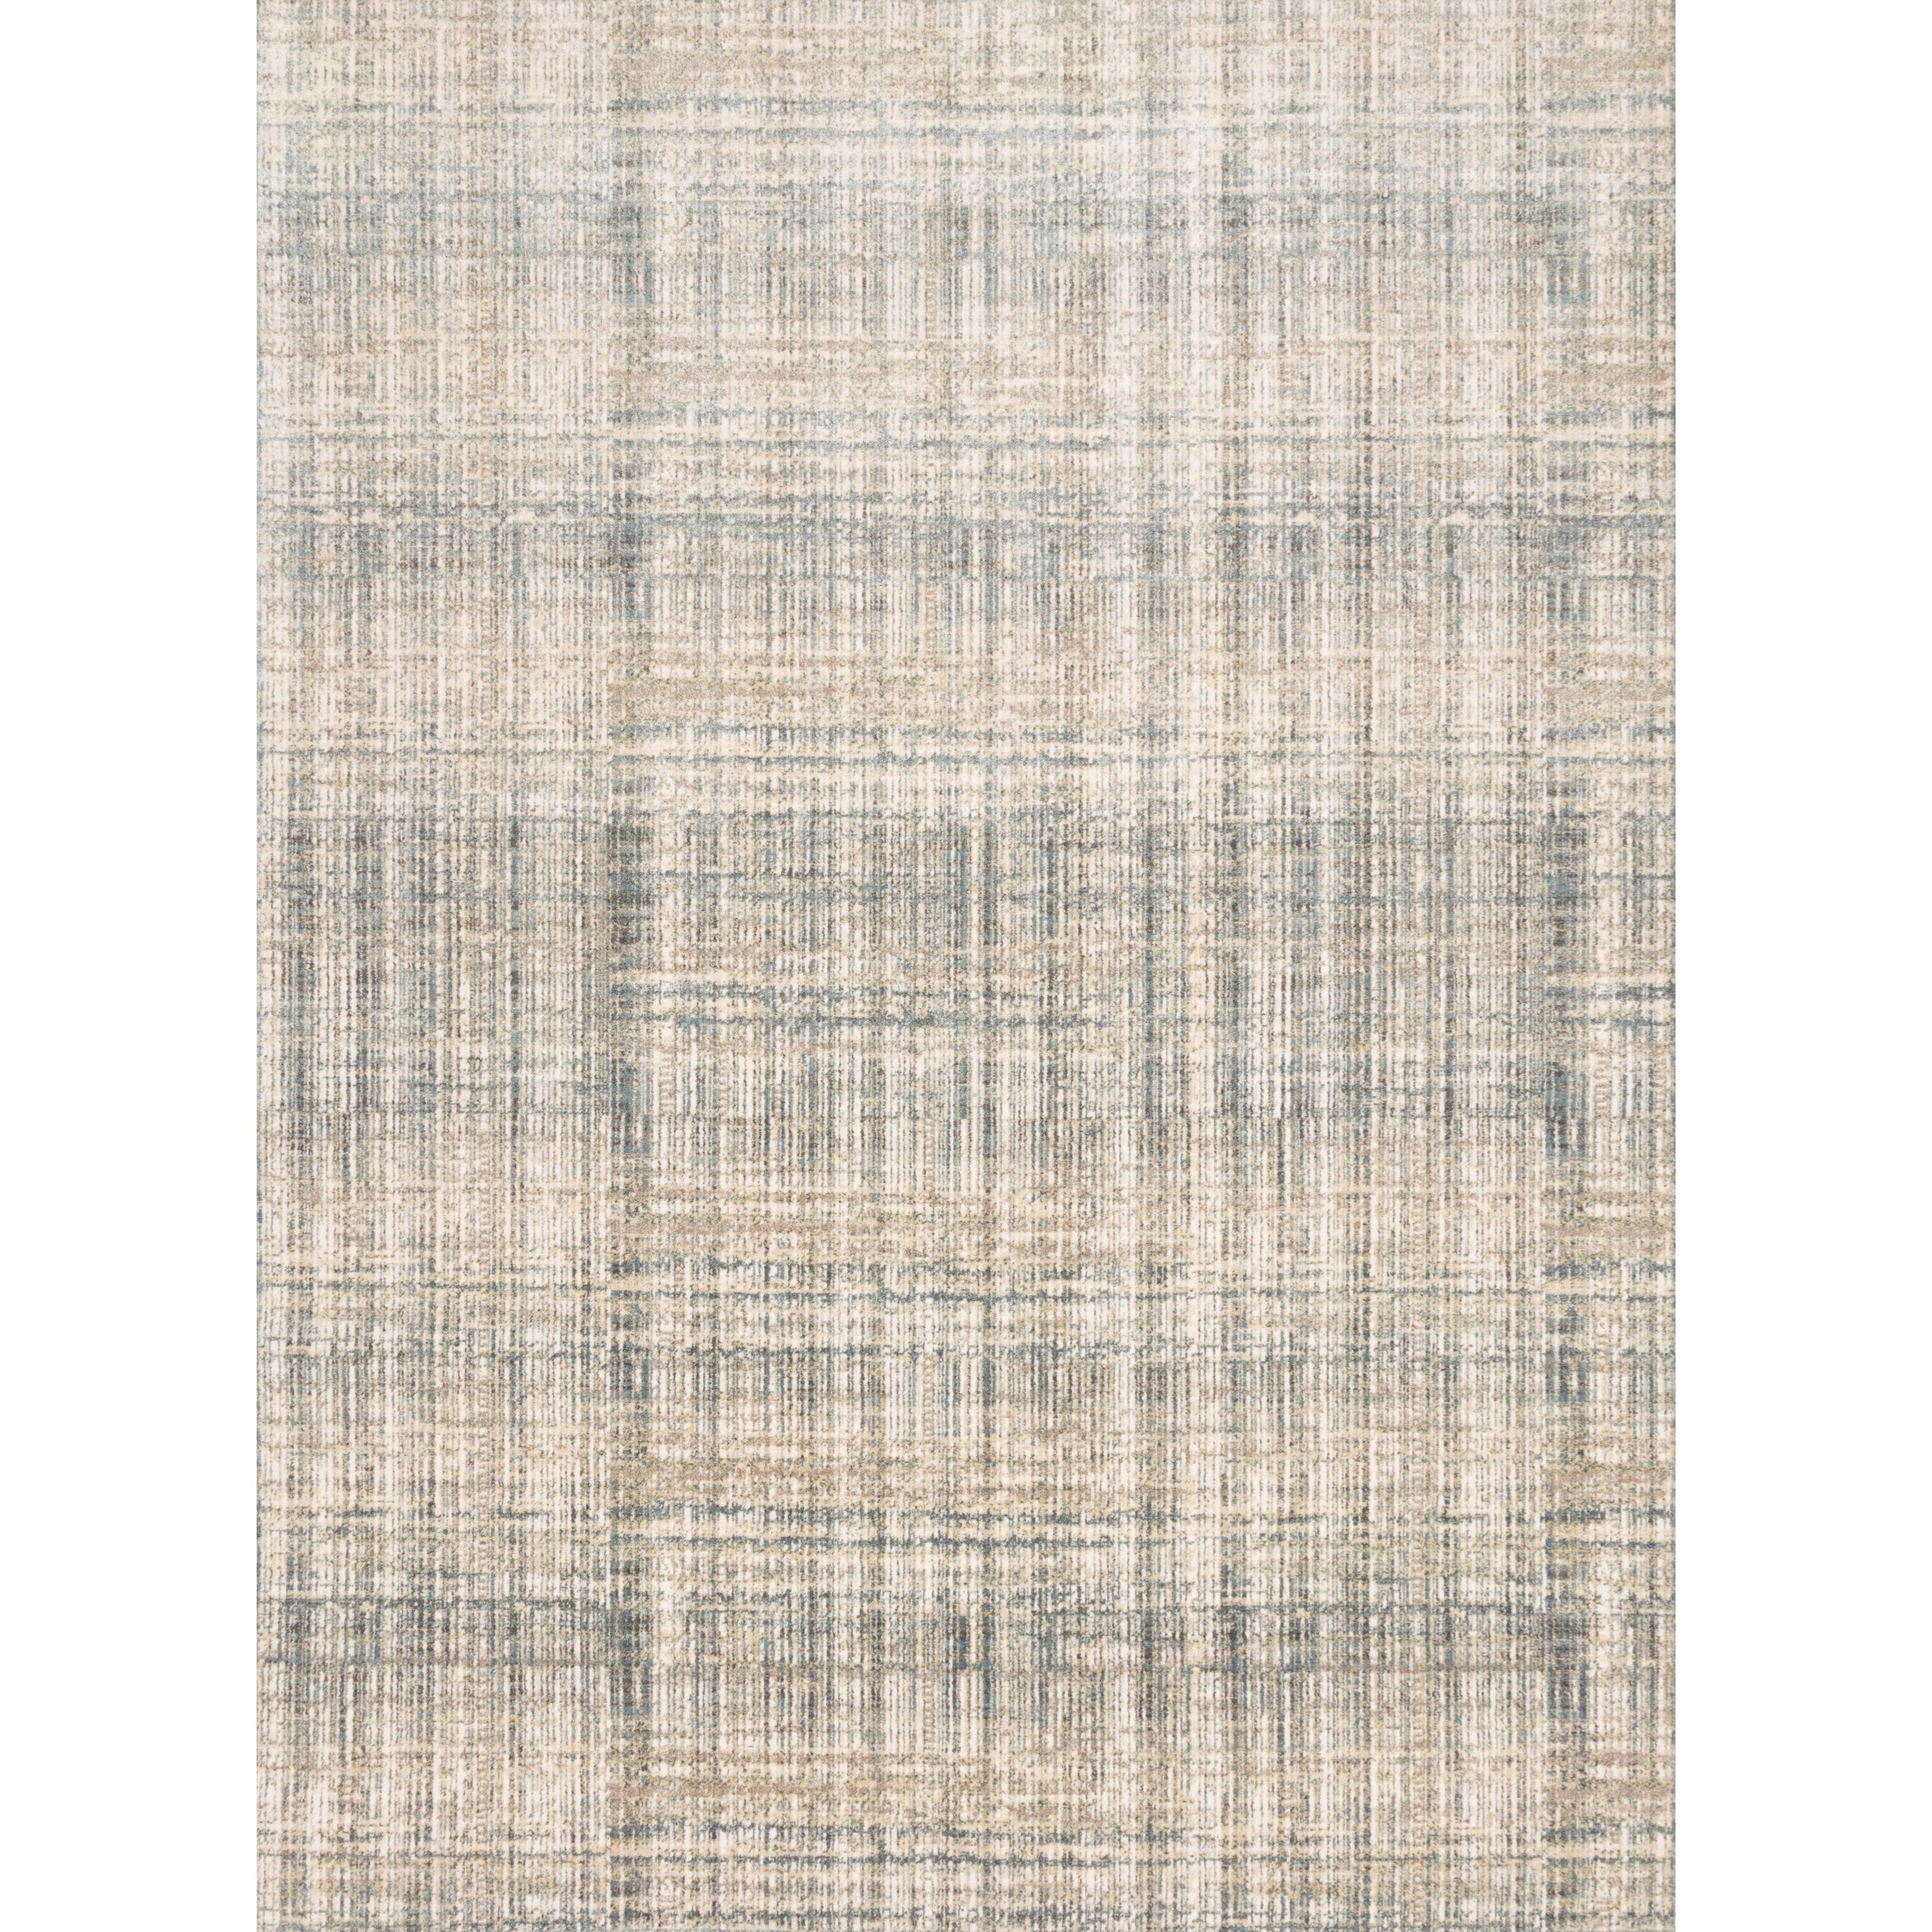 """Reid 3'7"""" x 5'7"""" Bluestone Rug by Loloi Rugs at Sprintz Furniture"""